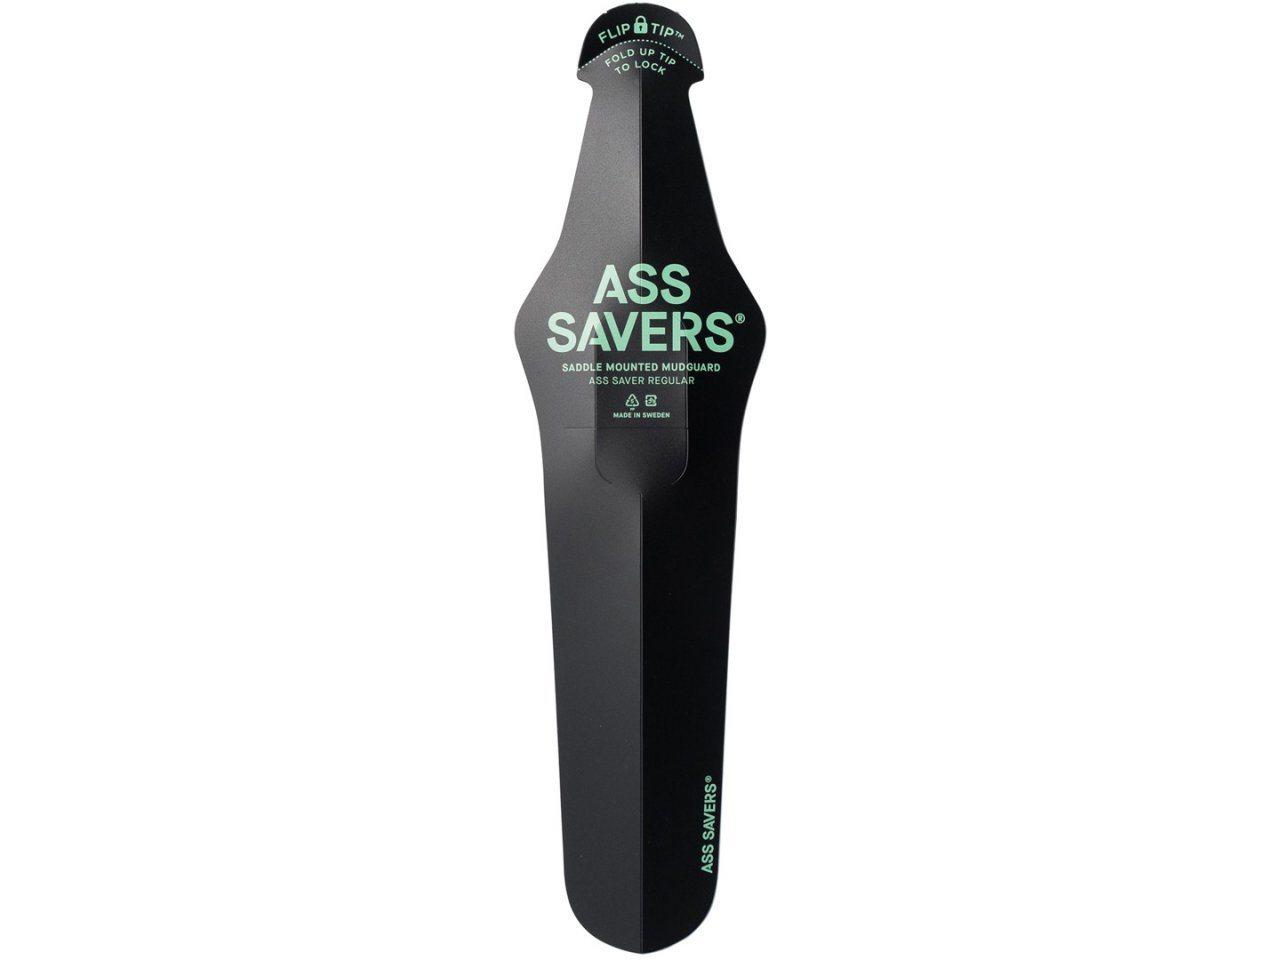 ASS SAVER REGULAR